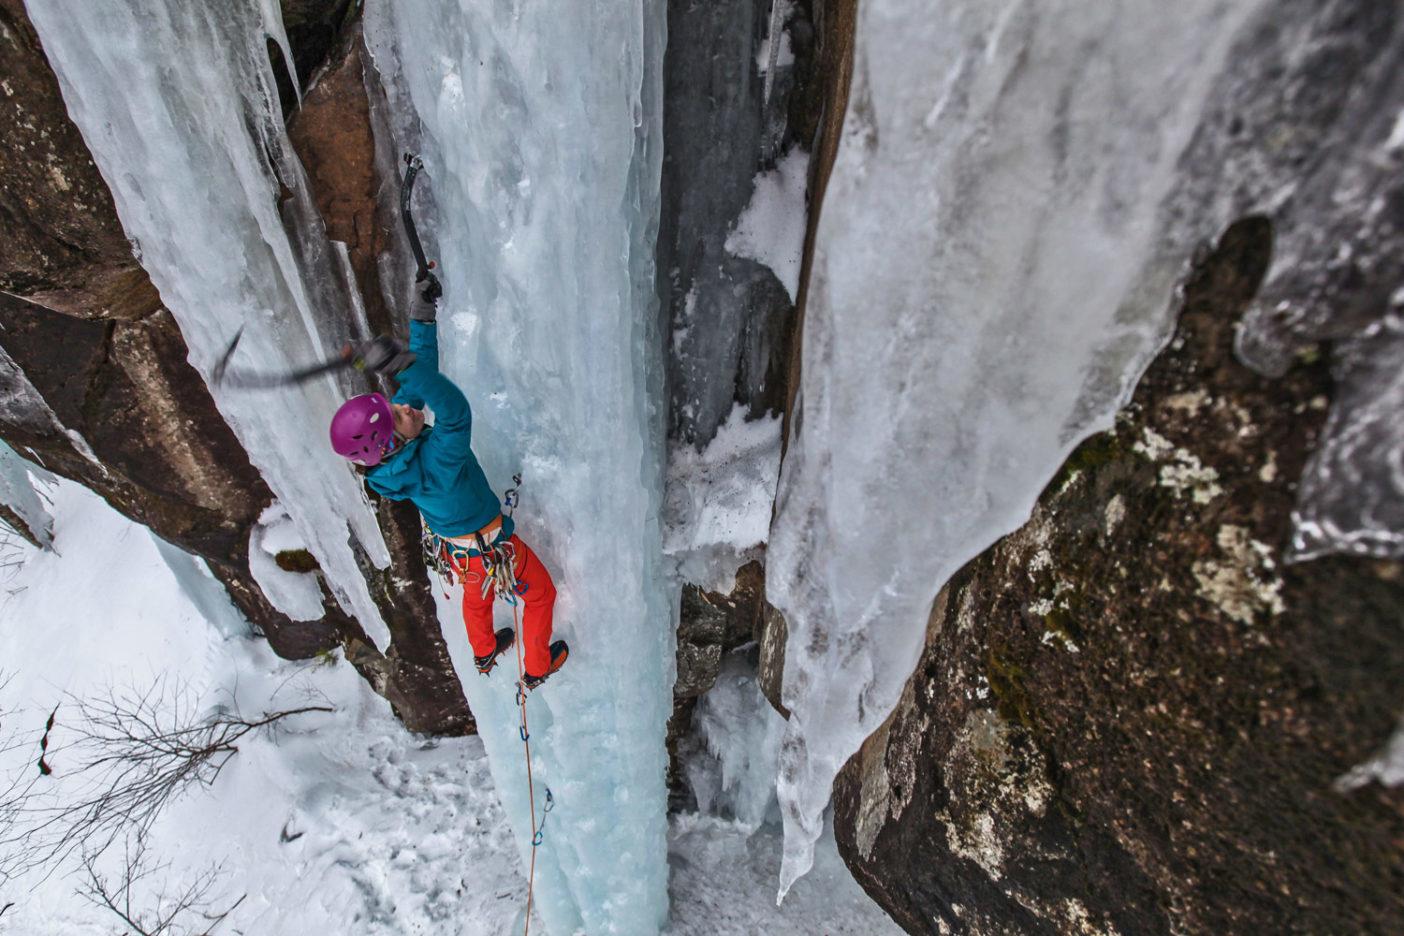 去年の冬、ニューハンプシャー州のフランケンシュタイン・クリフにて垂直の時間を過ごすマイカ。Photo: Robe Frost